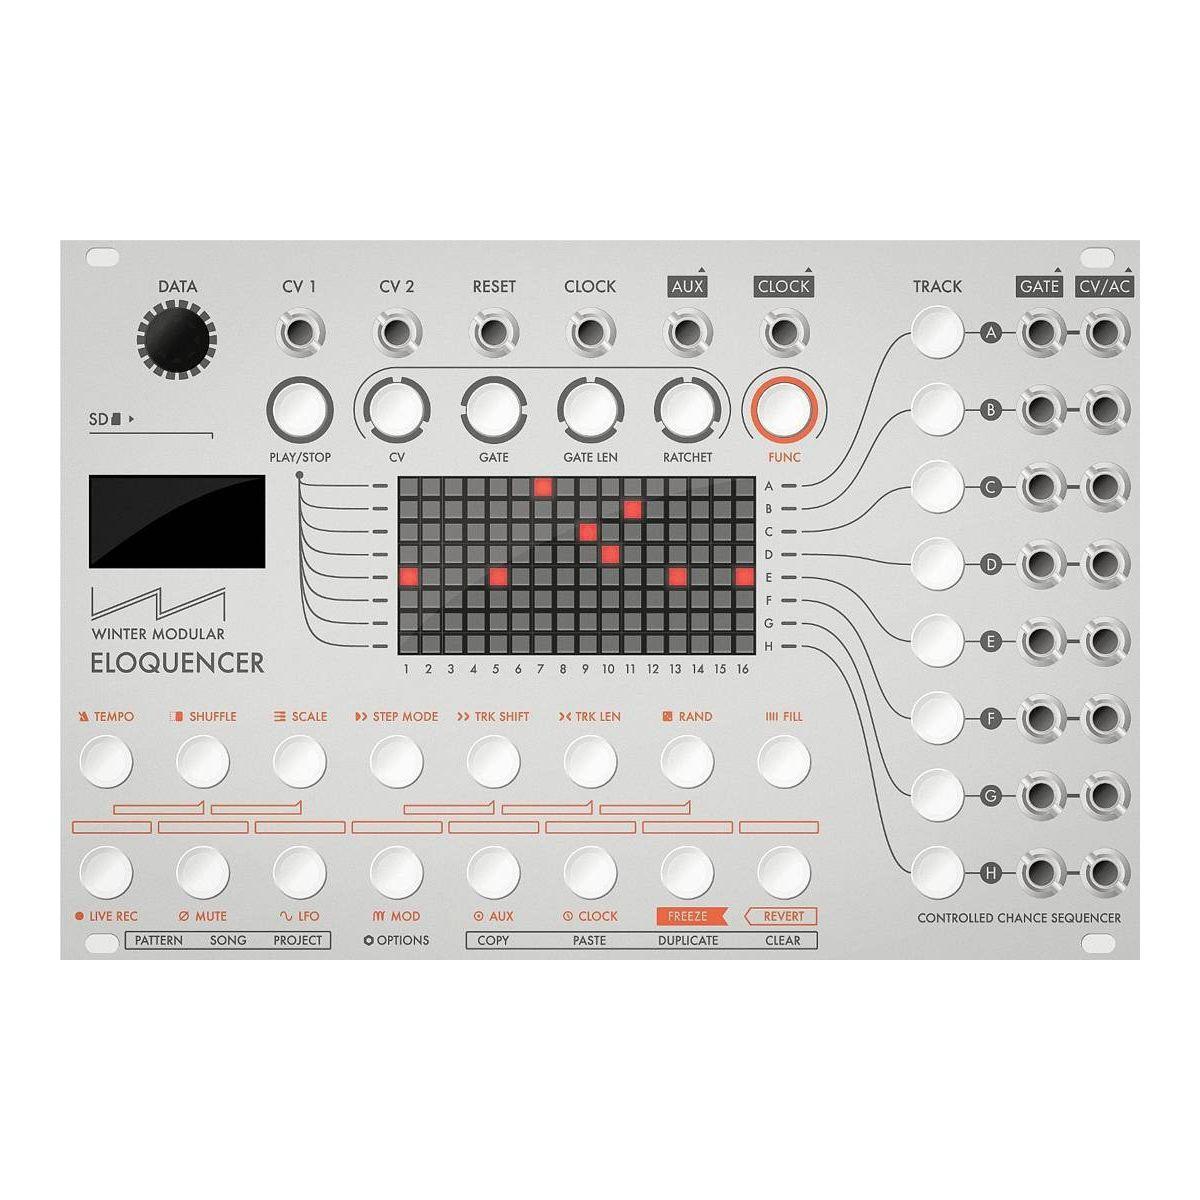 Winter Modular Eloquencer Eurorack Sequencer Module (Silver)